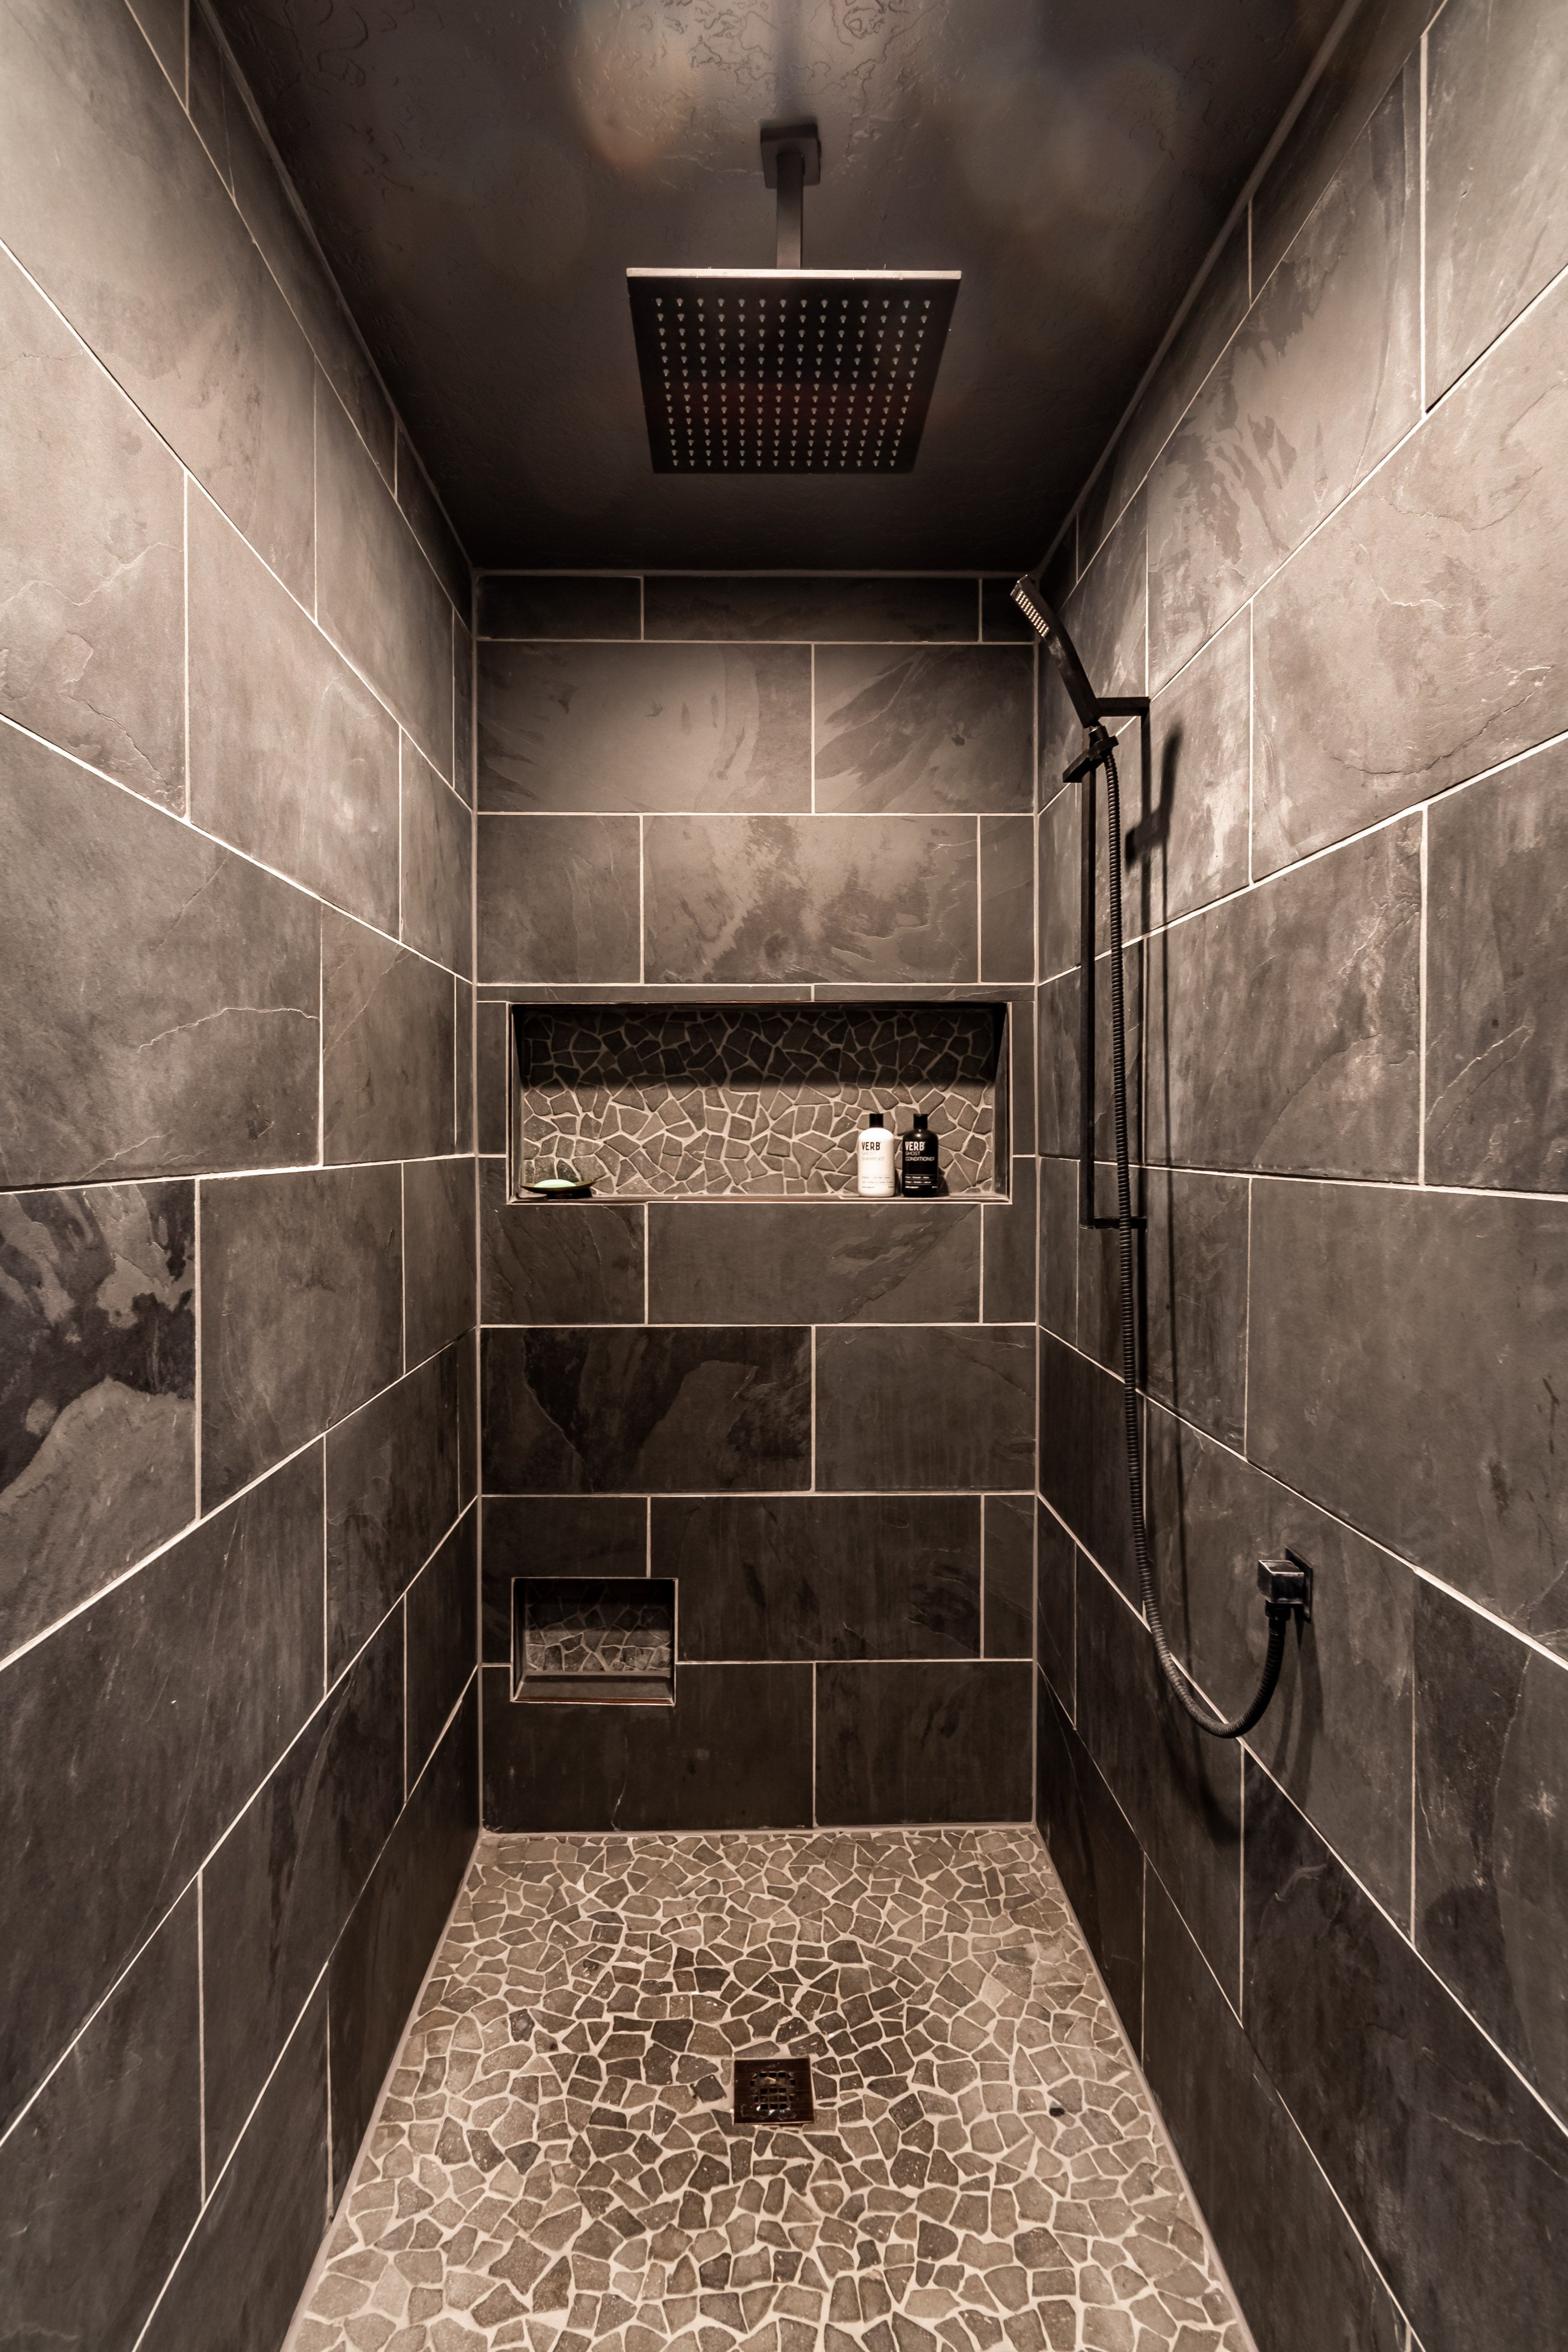 Cave like relaxation dark shower tile rain shower head